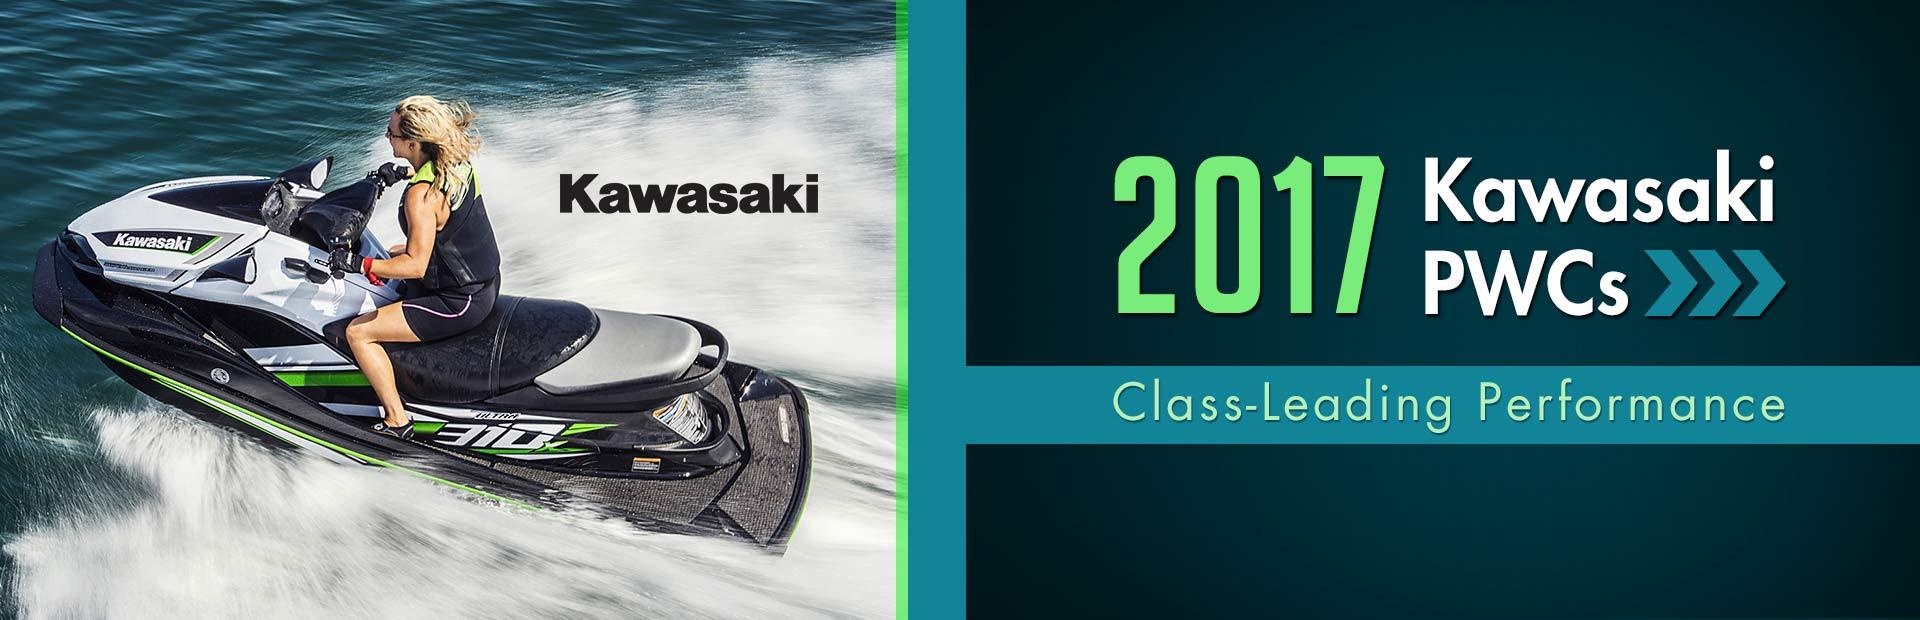 2017 Kawasaki PWCs: Click here to view the models.